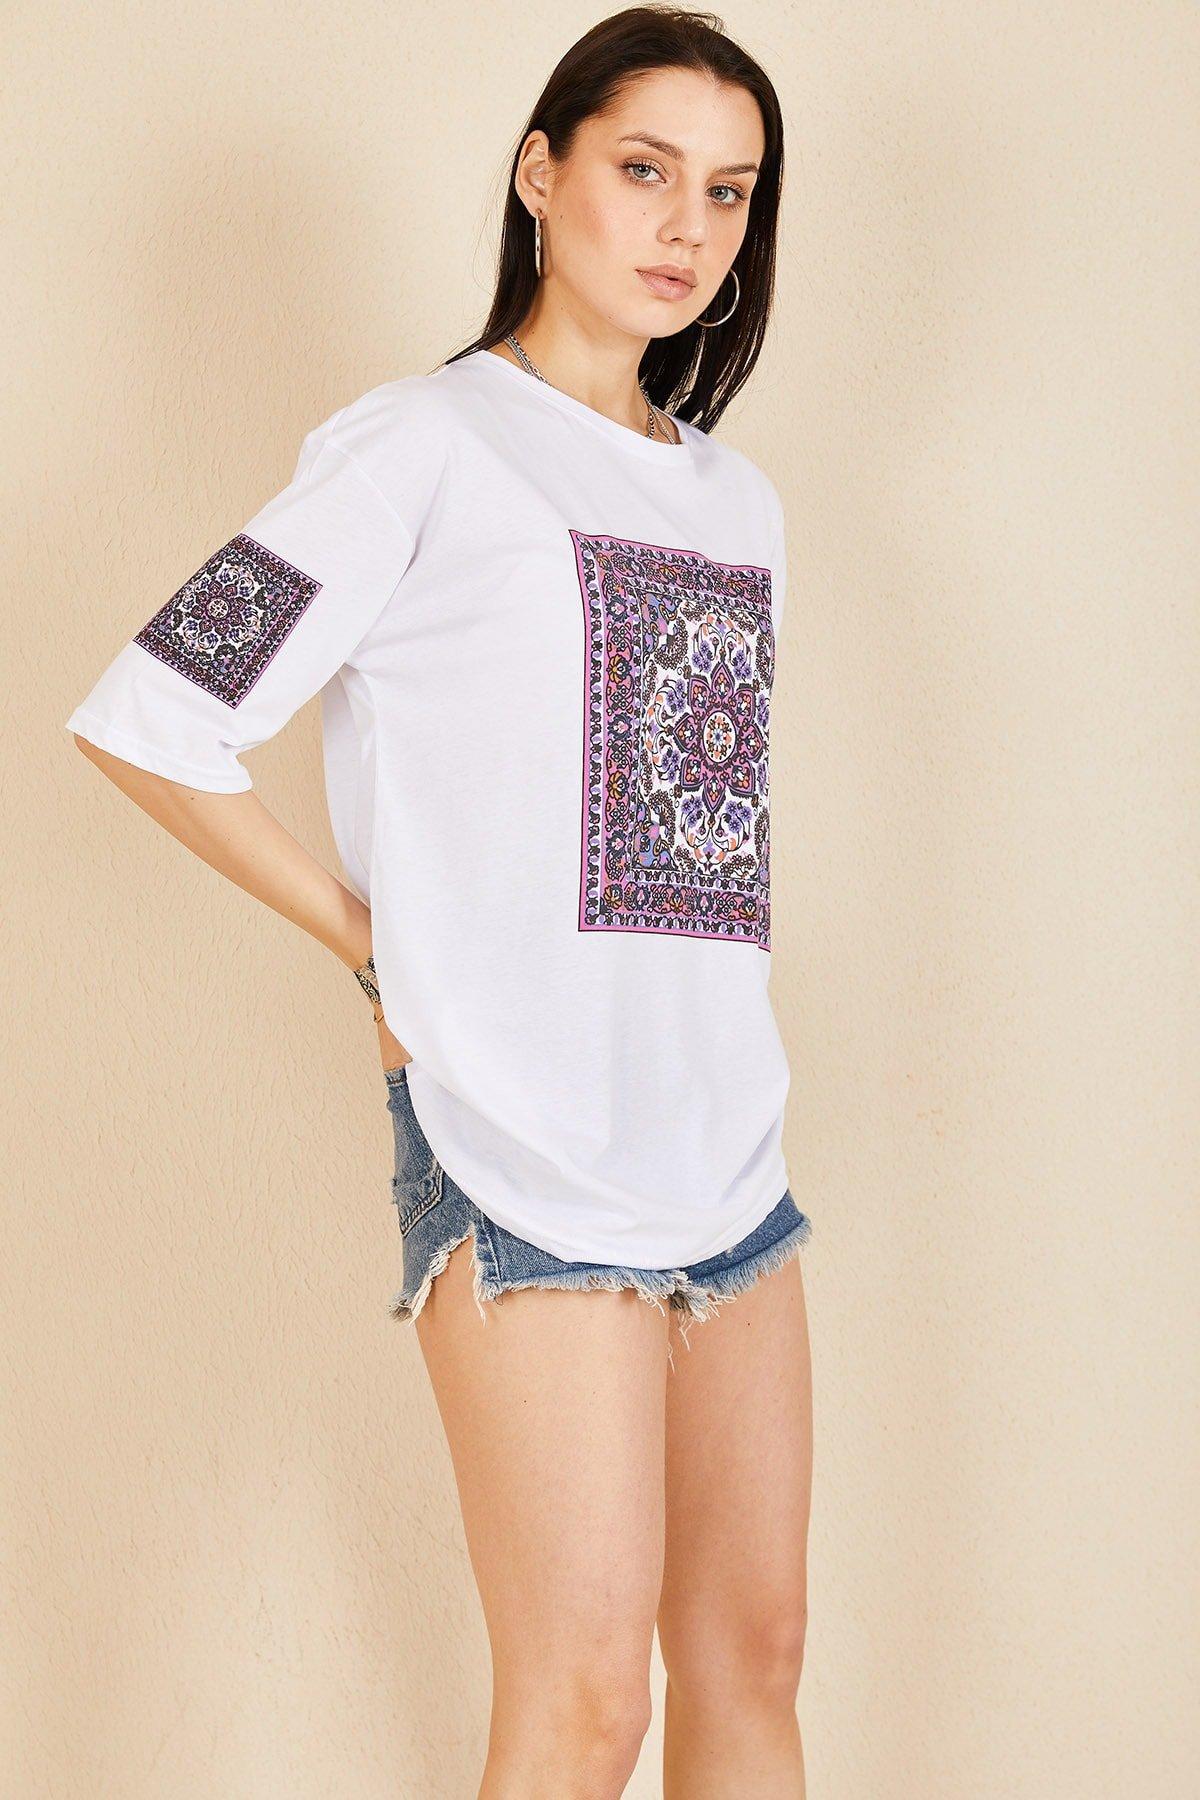 Kilim Baskı T-shirt